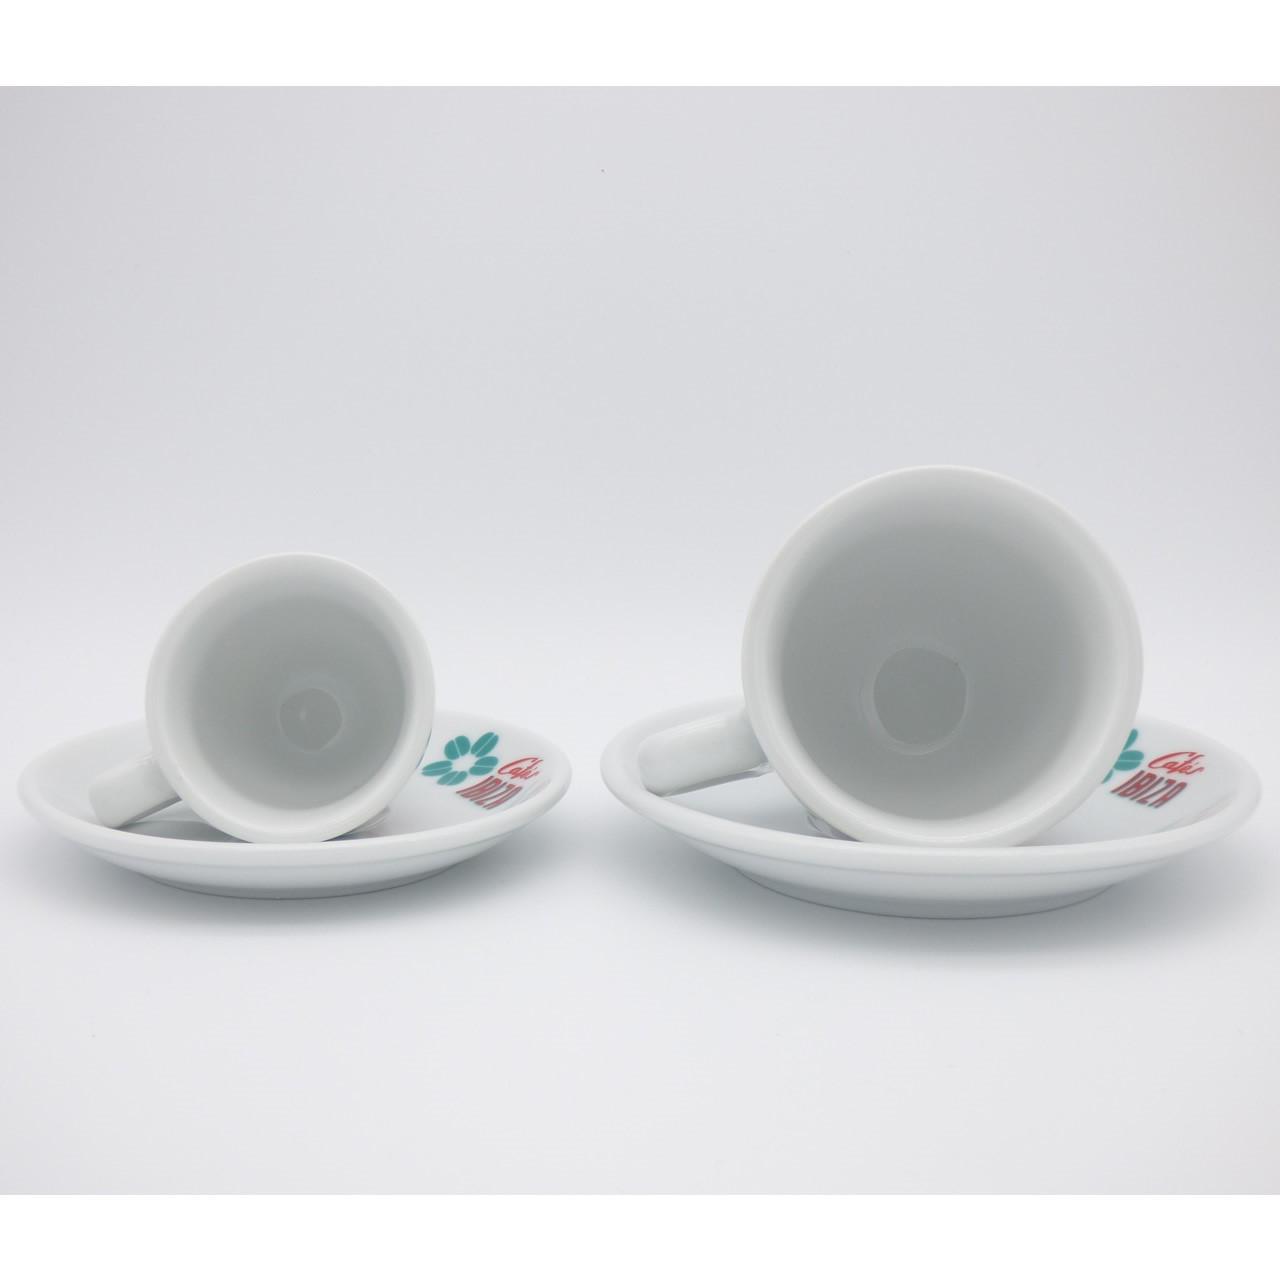 Größenvergleich Espresso- und Milchkaffee-Tasse (Symbolfoto)